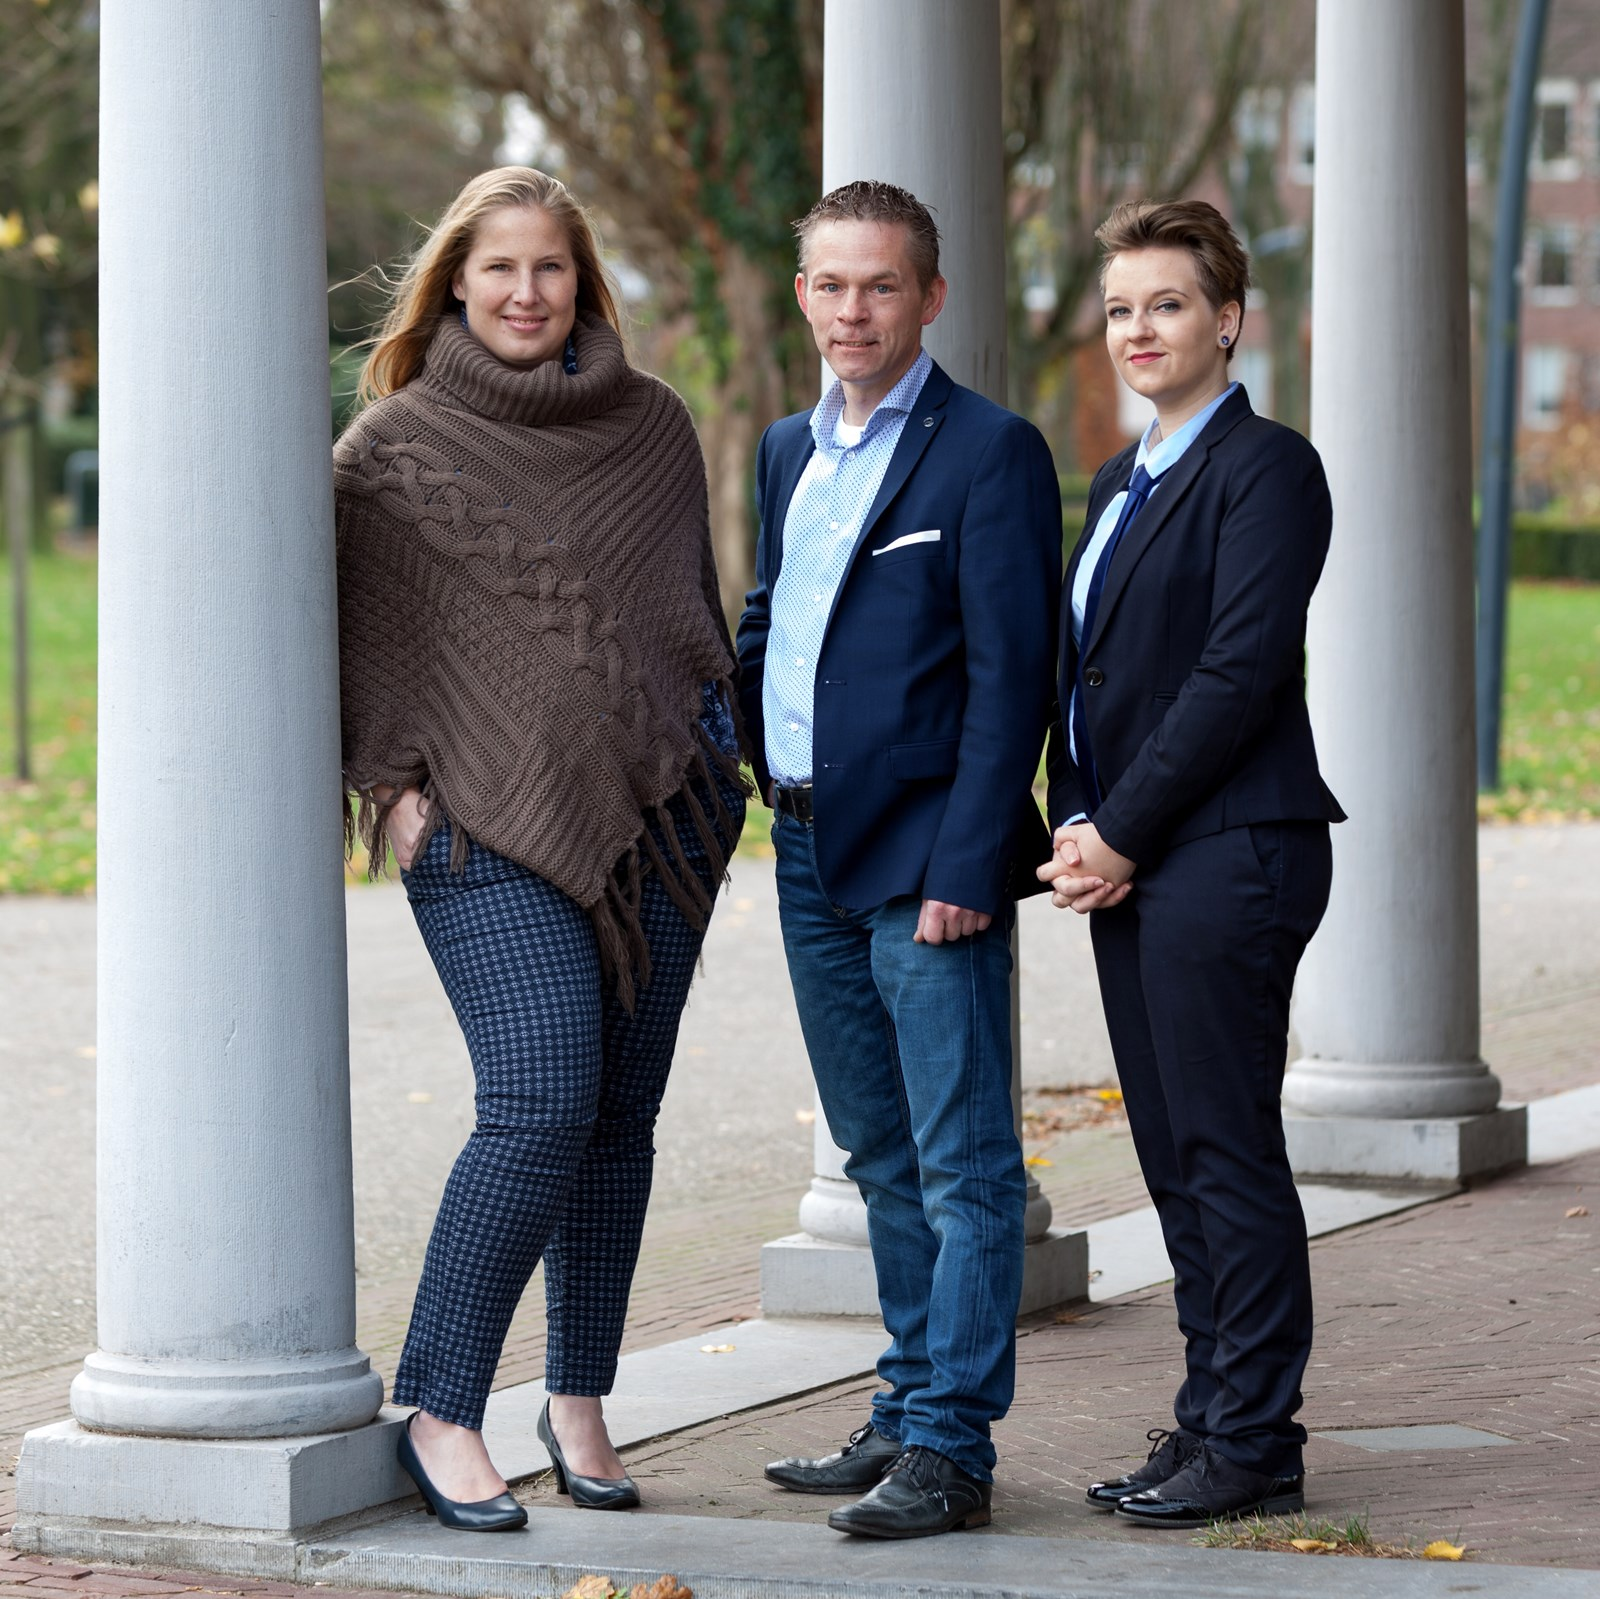 Foto van Van Bruggen Adviesgroep Etten-Leur